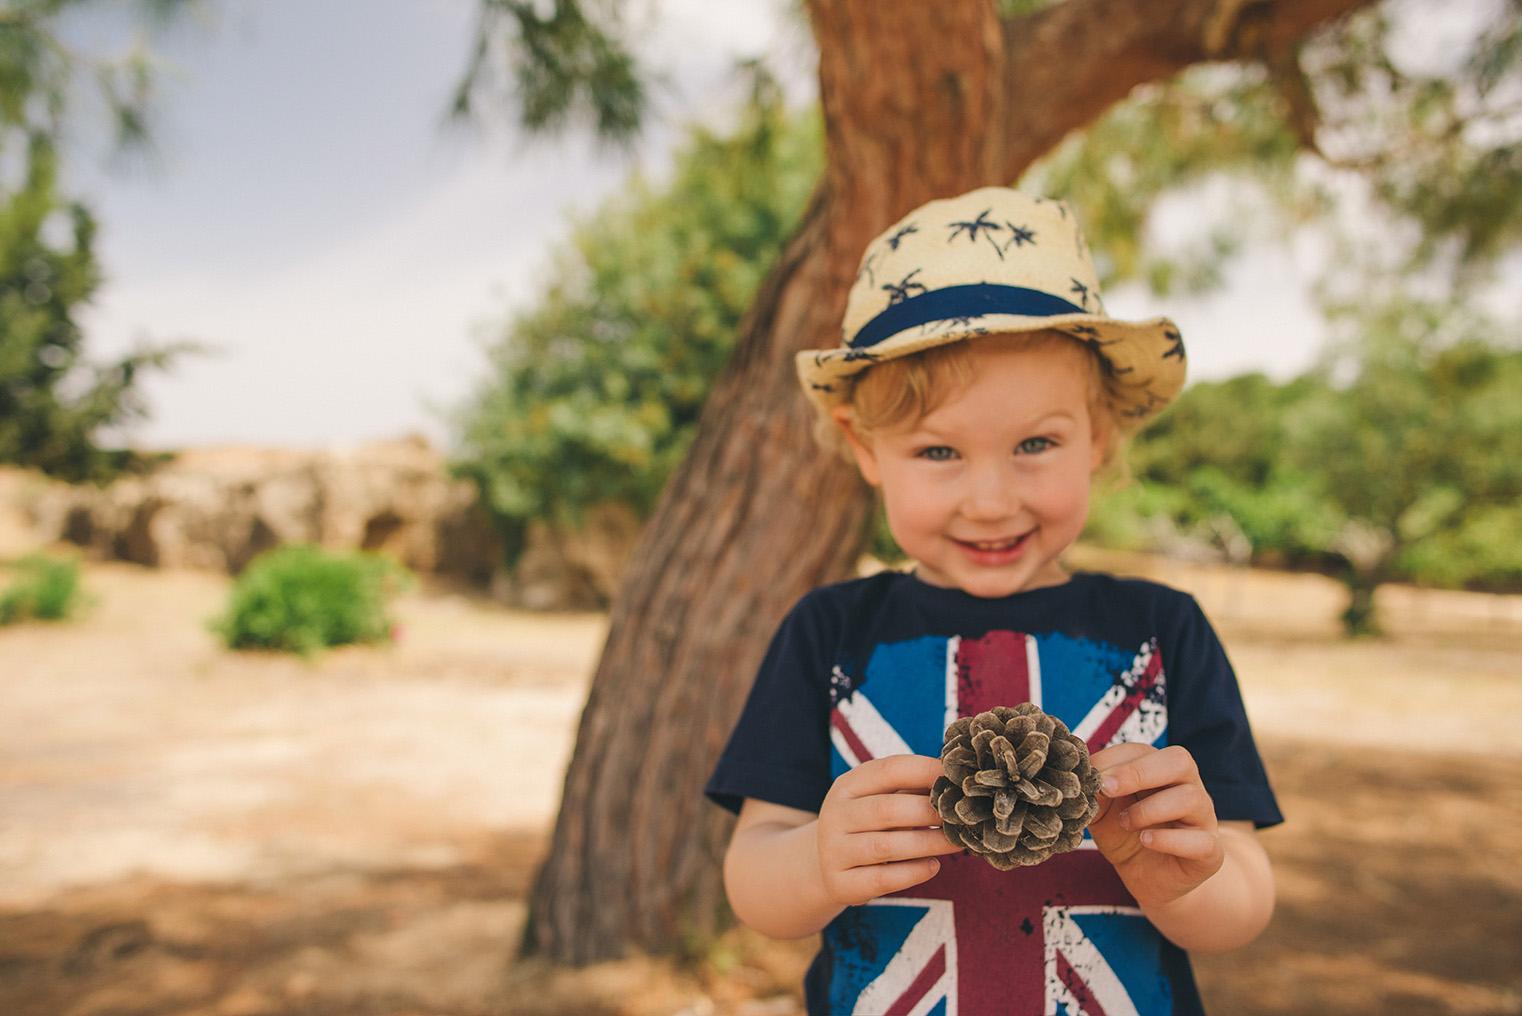 05.Groby Krolewskie Pafos - Cypr - podroz z dzieckiem